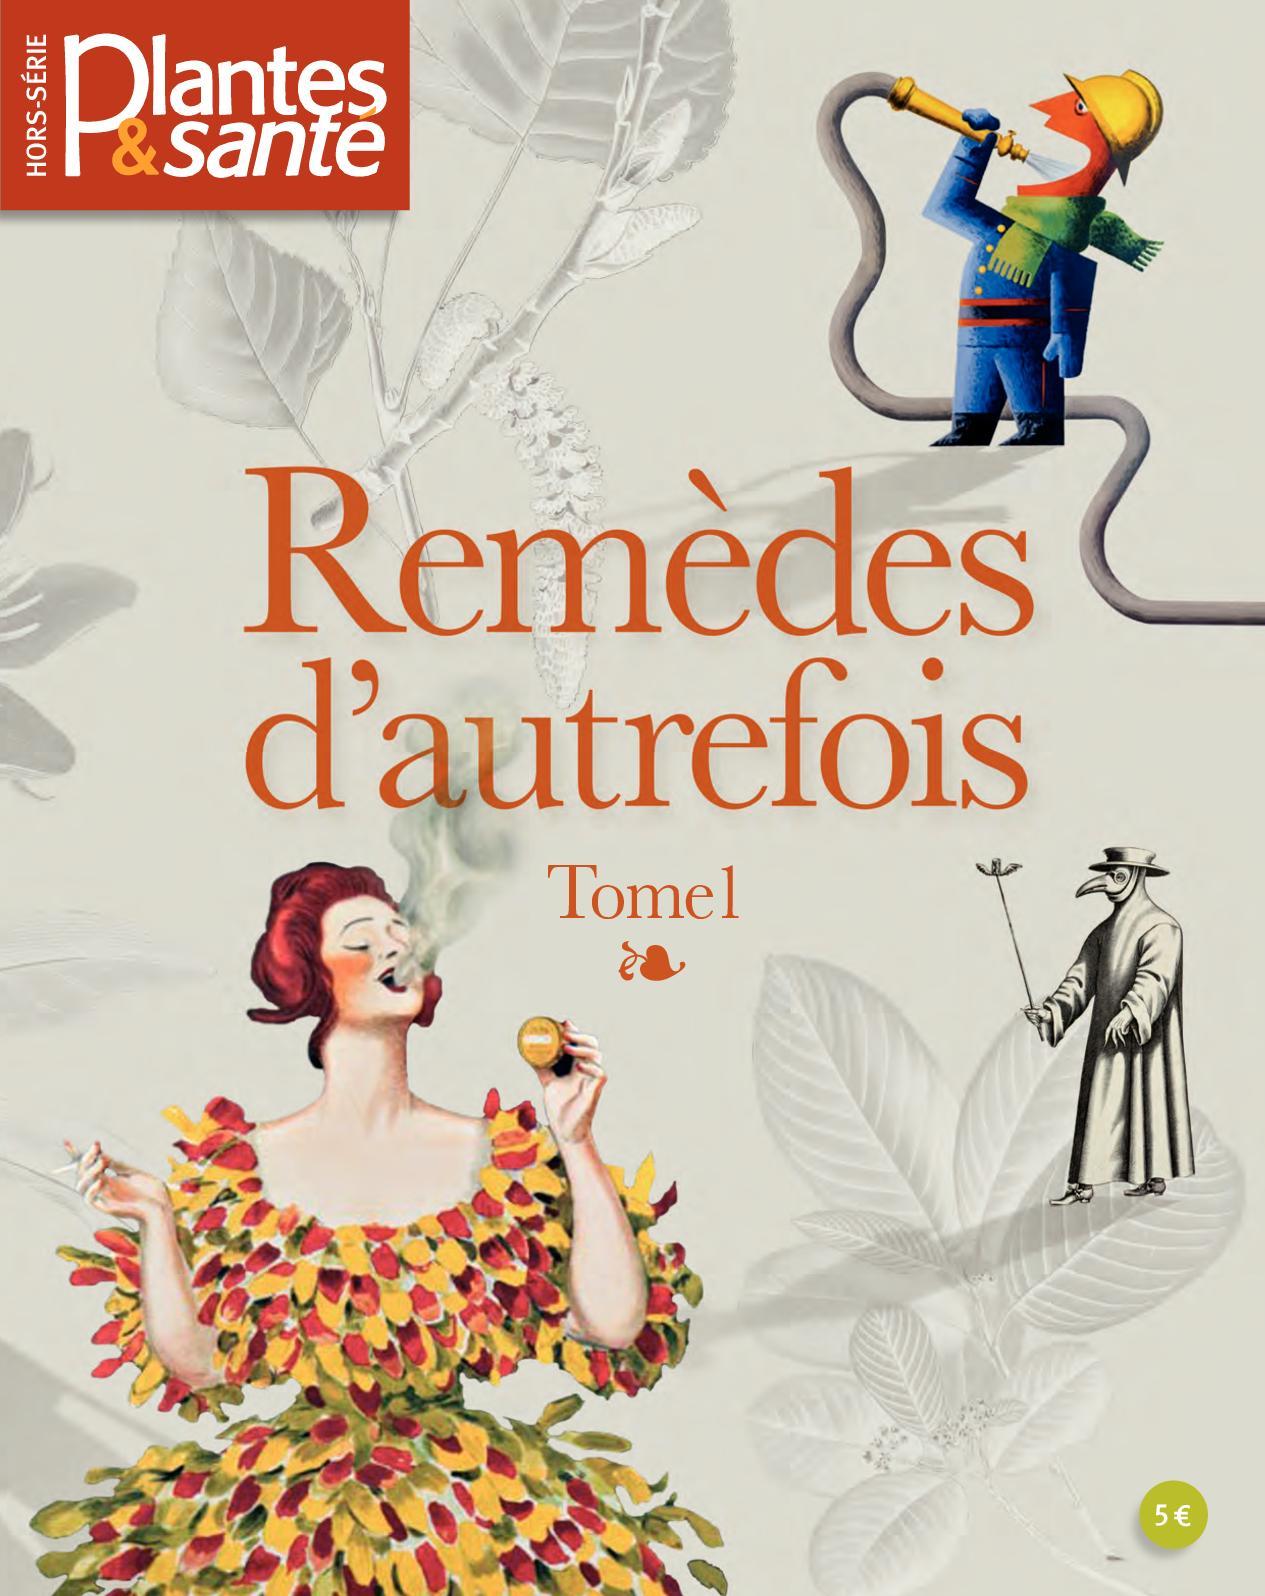 Calaméo - Hors Serie Remedes Autrefois 22f223e13df